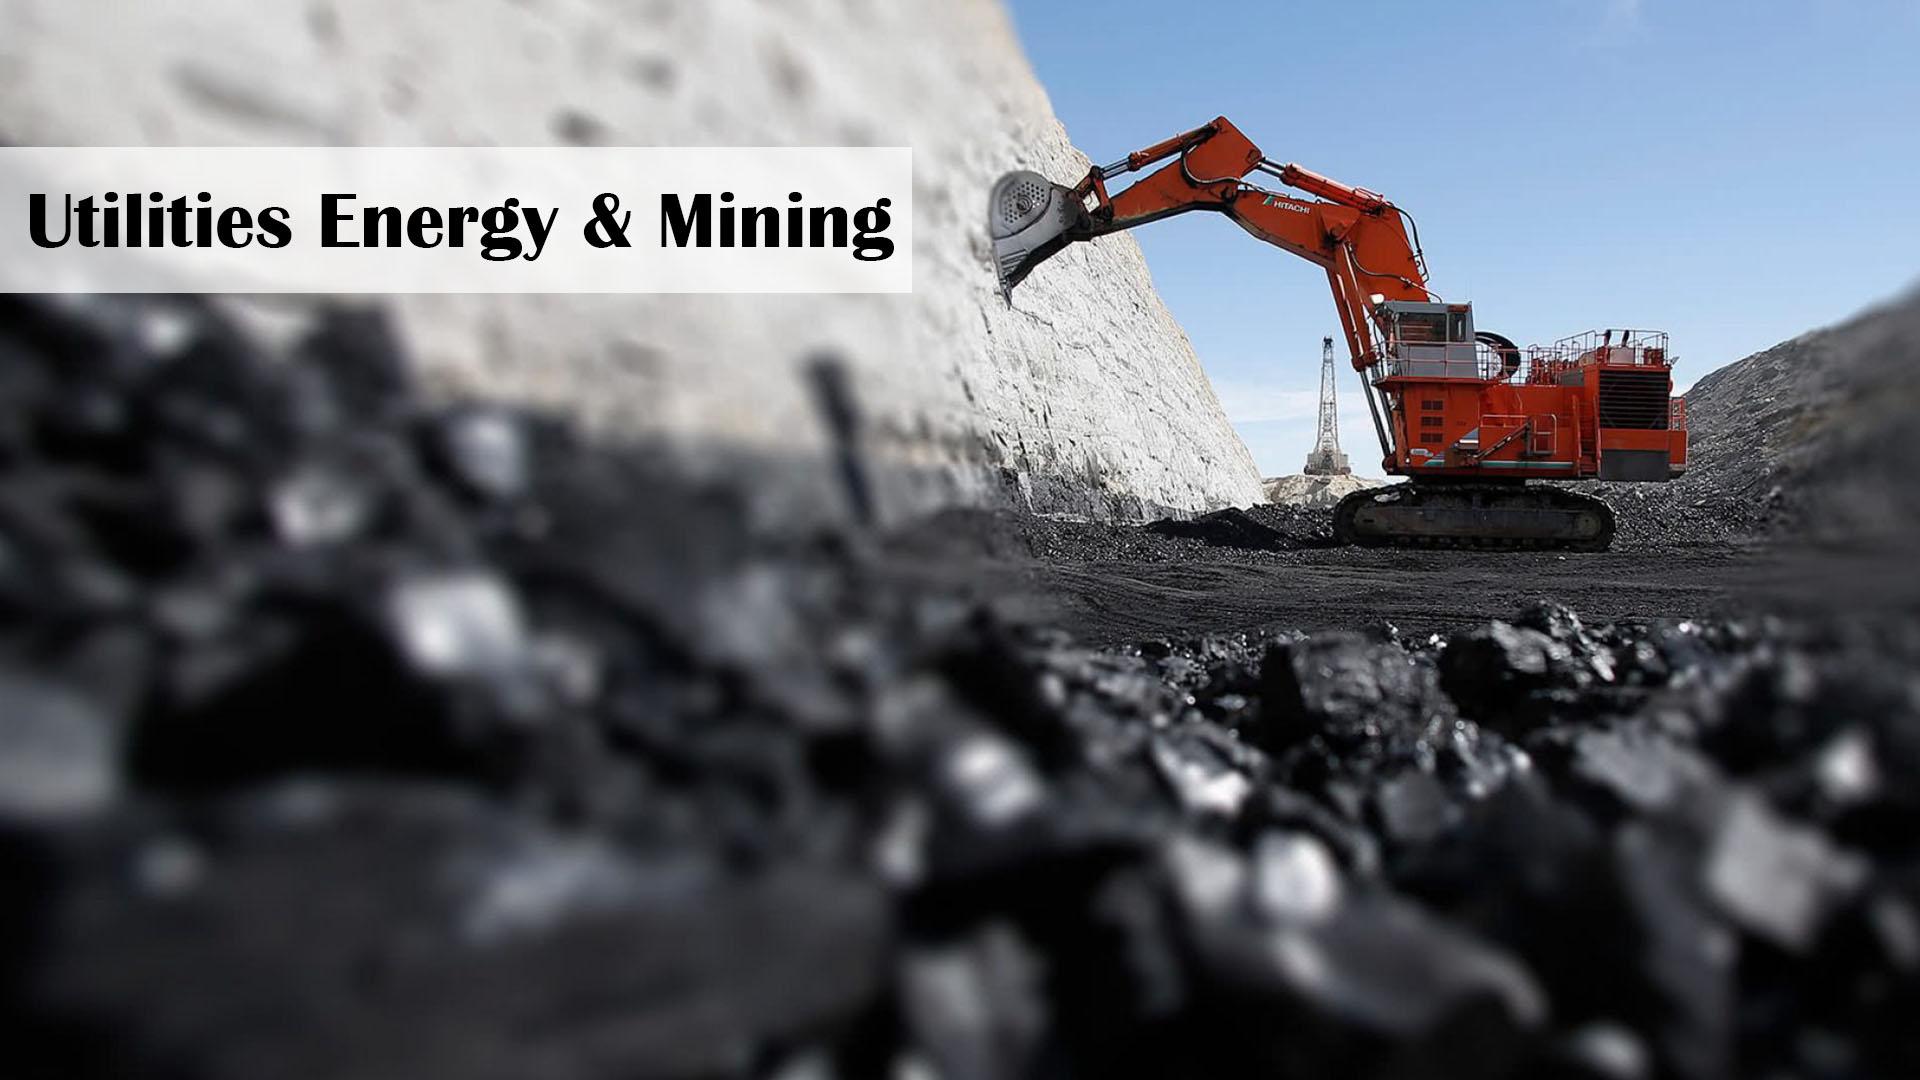 پروژه های راهکار انرژی برق و معدن هایک ویژن